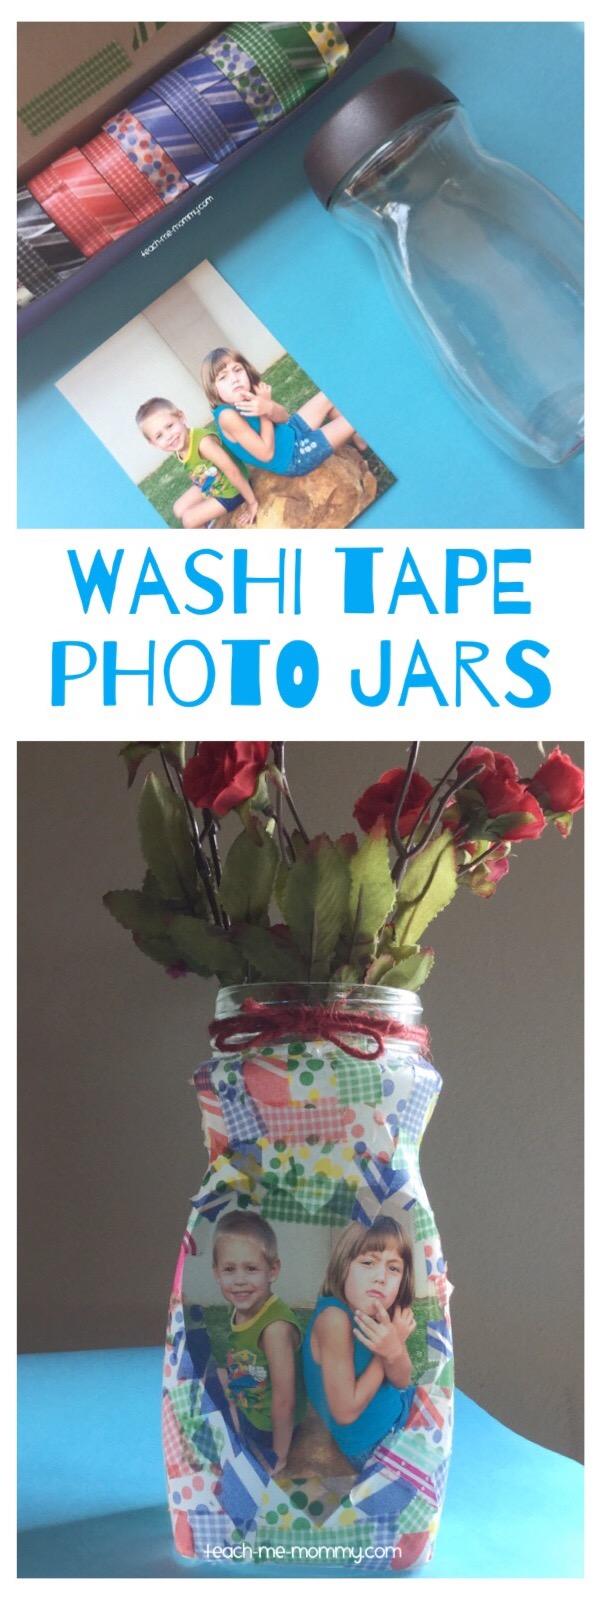 washi tape photo jar